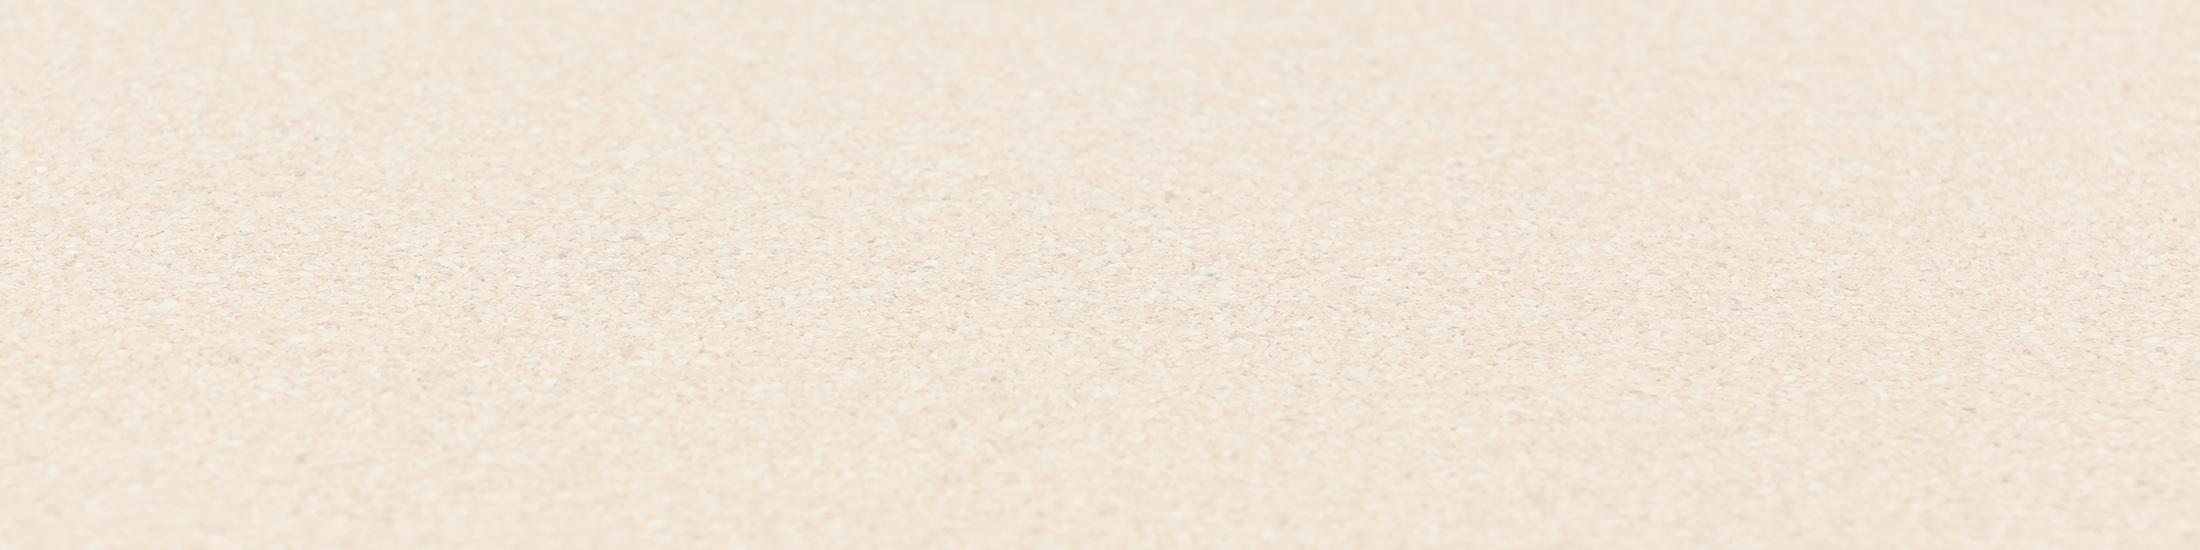 Korkplatten zum Lasergravieren und Schneiden